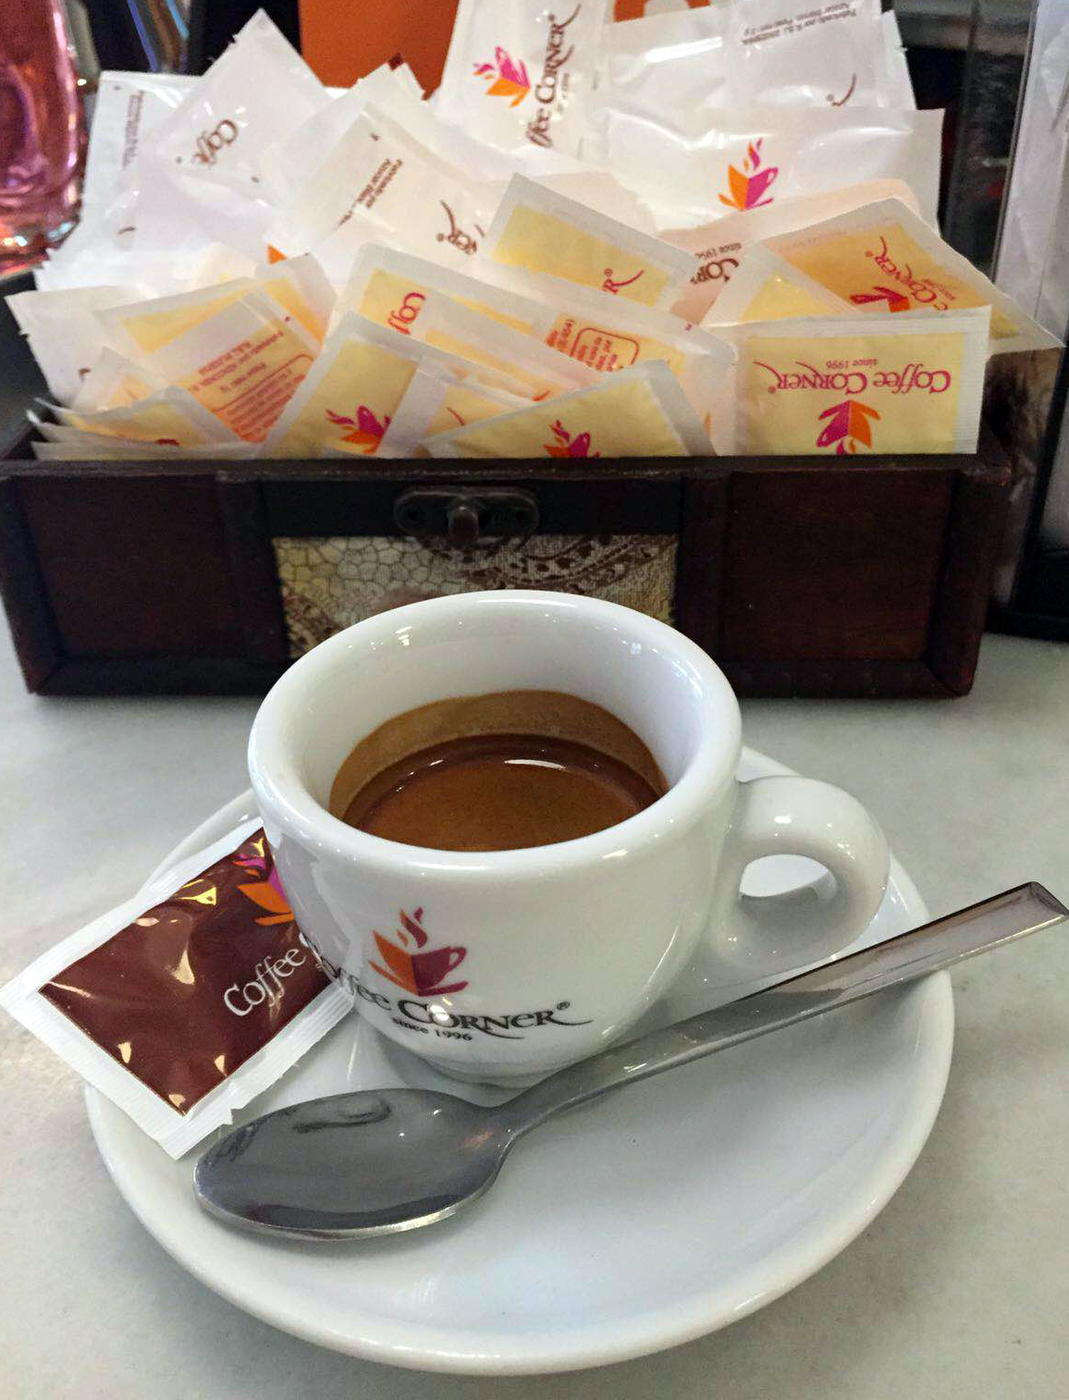 Cómo reconocer un buen café espresso